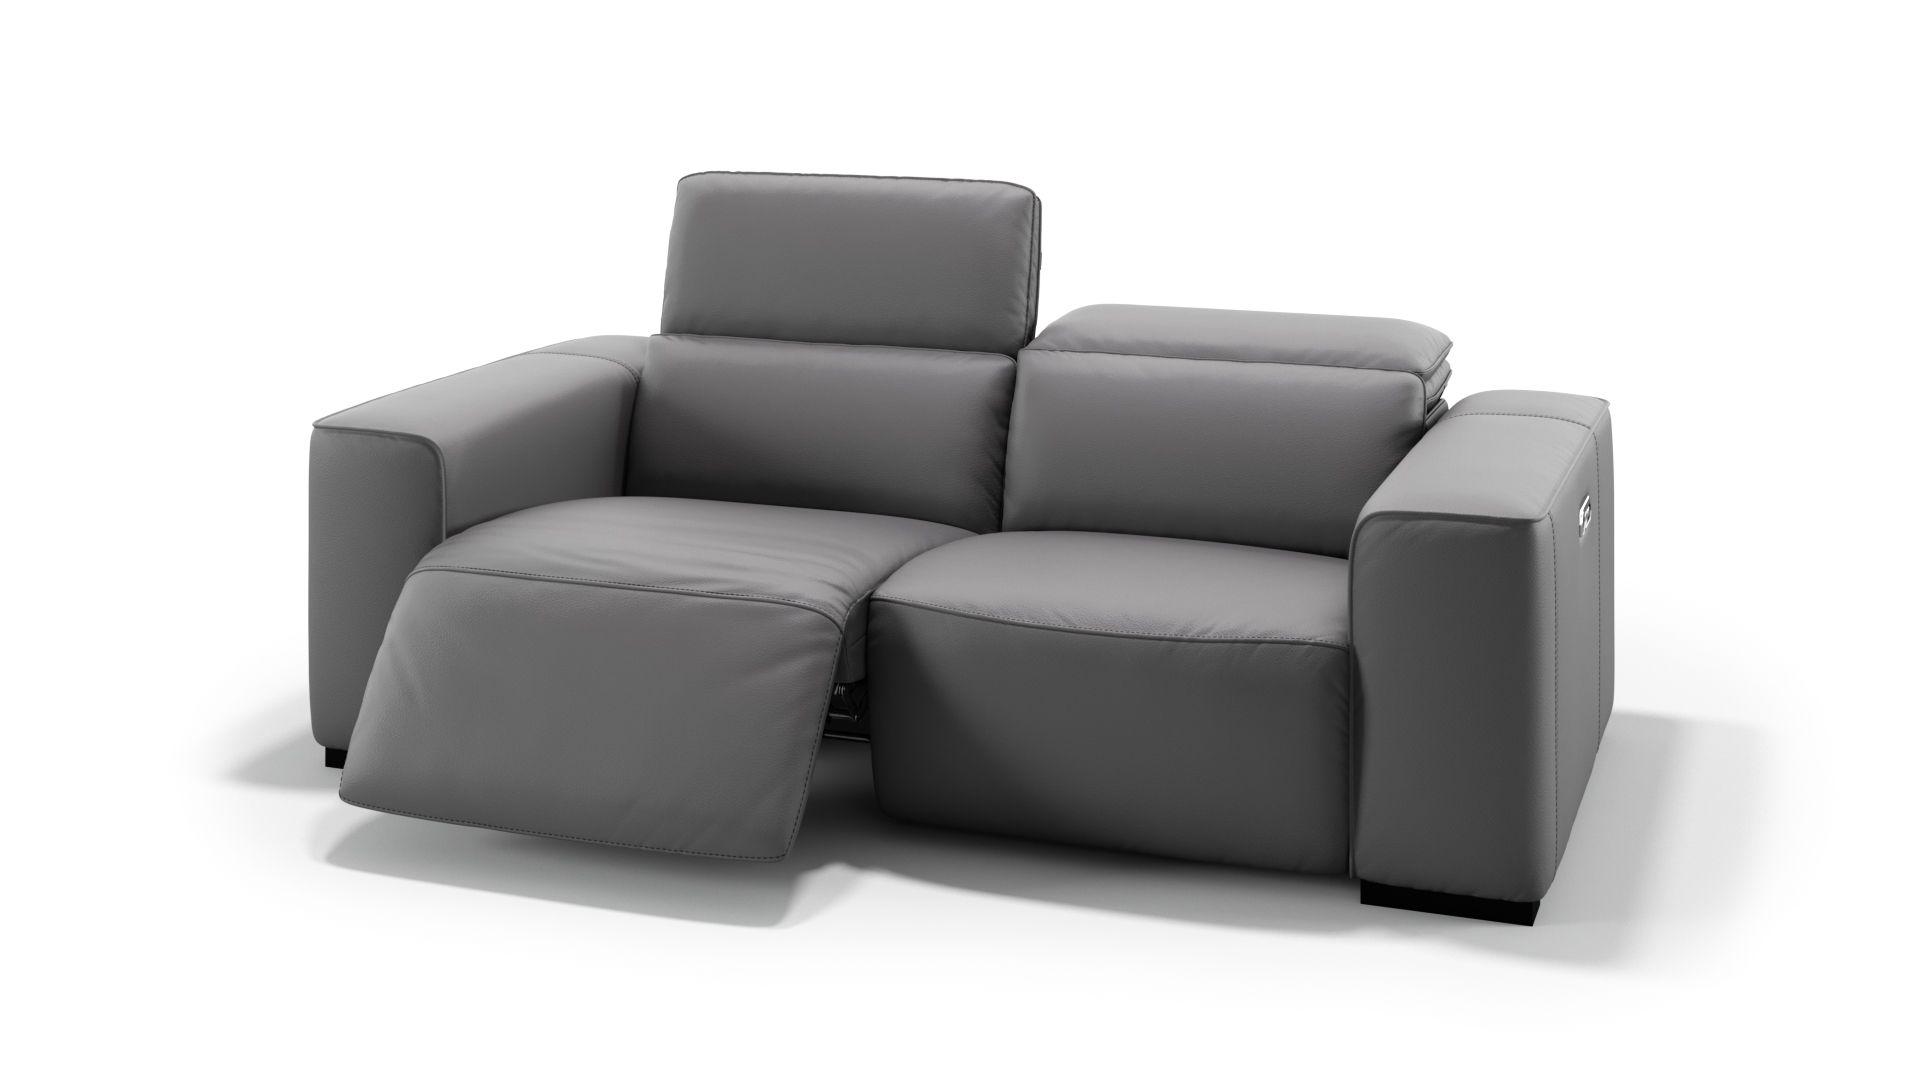 Full Size of Ledersofa Binetto Italienische Sofas Gnstig Sofanella 2 Sitzer Sofa Mit Relaxfunktion Betten Günstig Kaufen 180x200 Big Elektrisch Regal Nach Maß Grünes Sofa Big Sofa Günstig